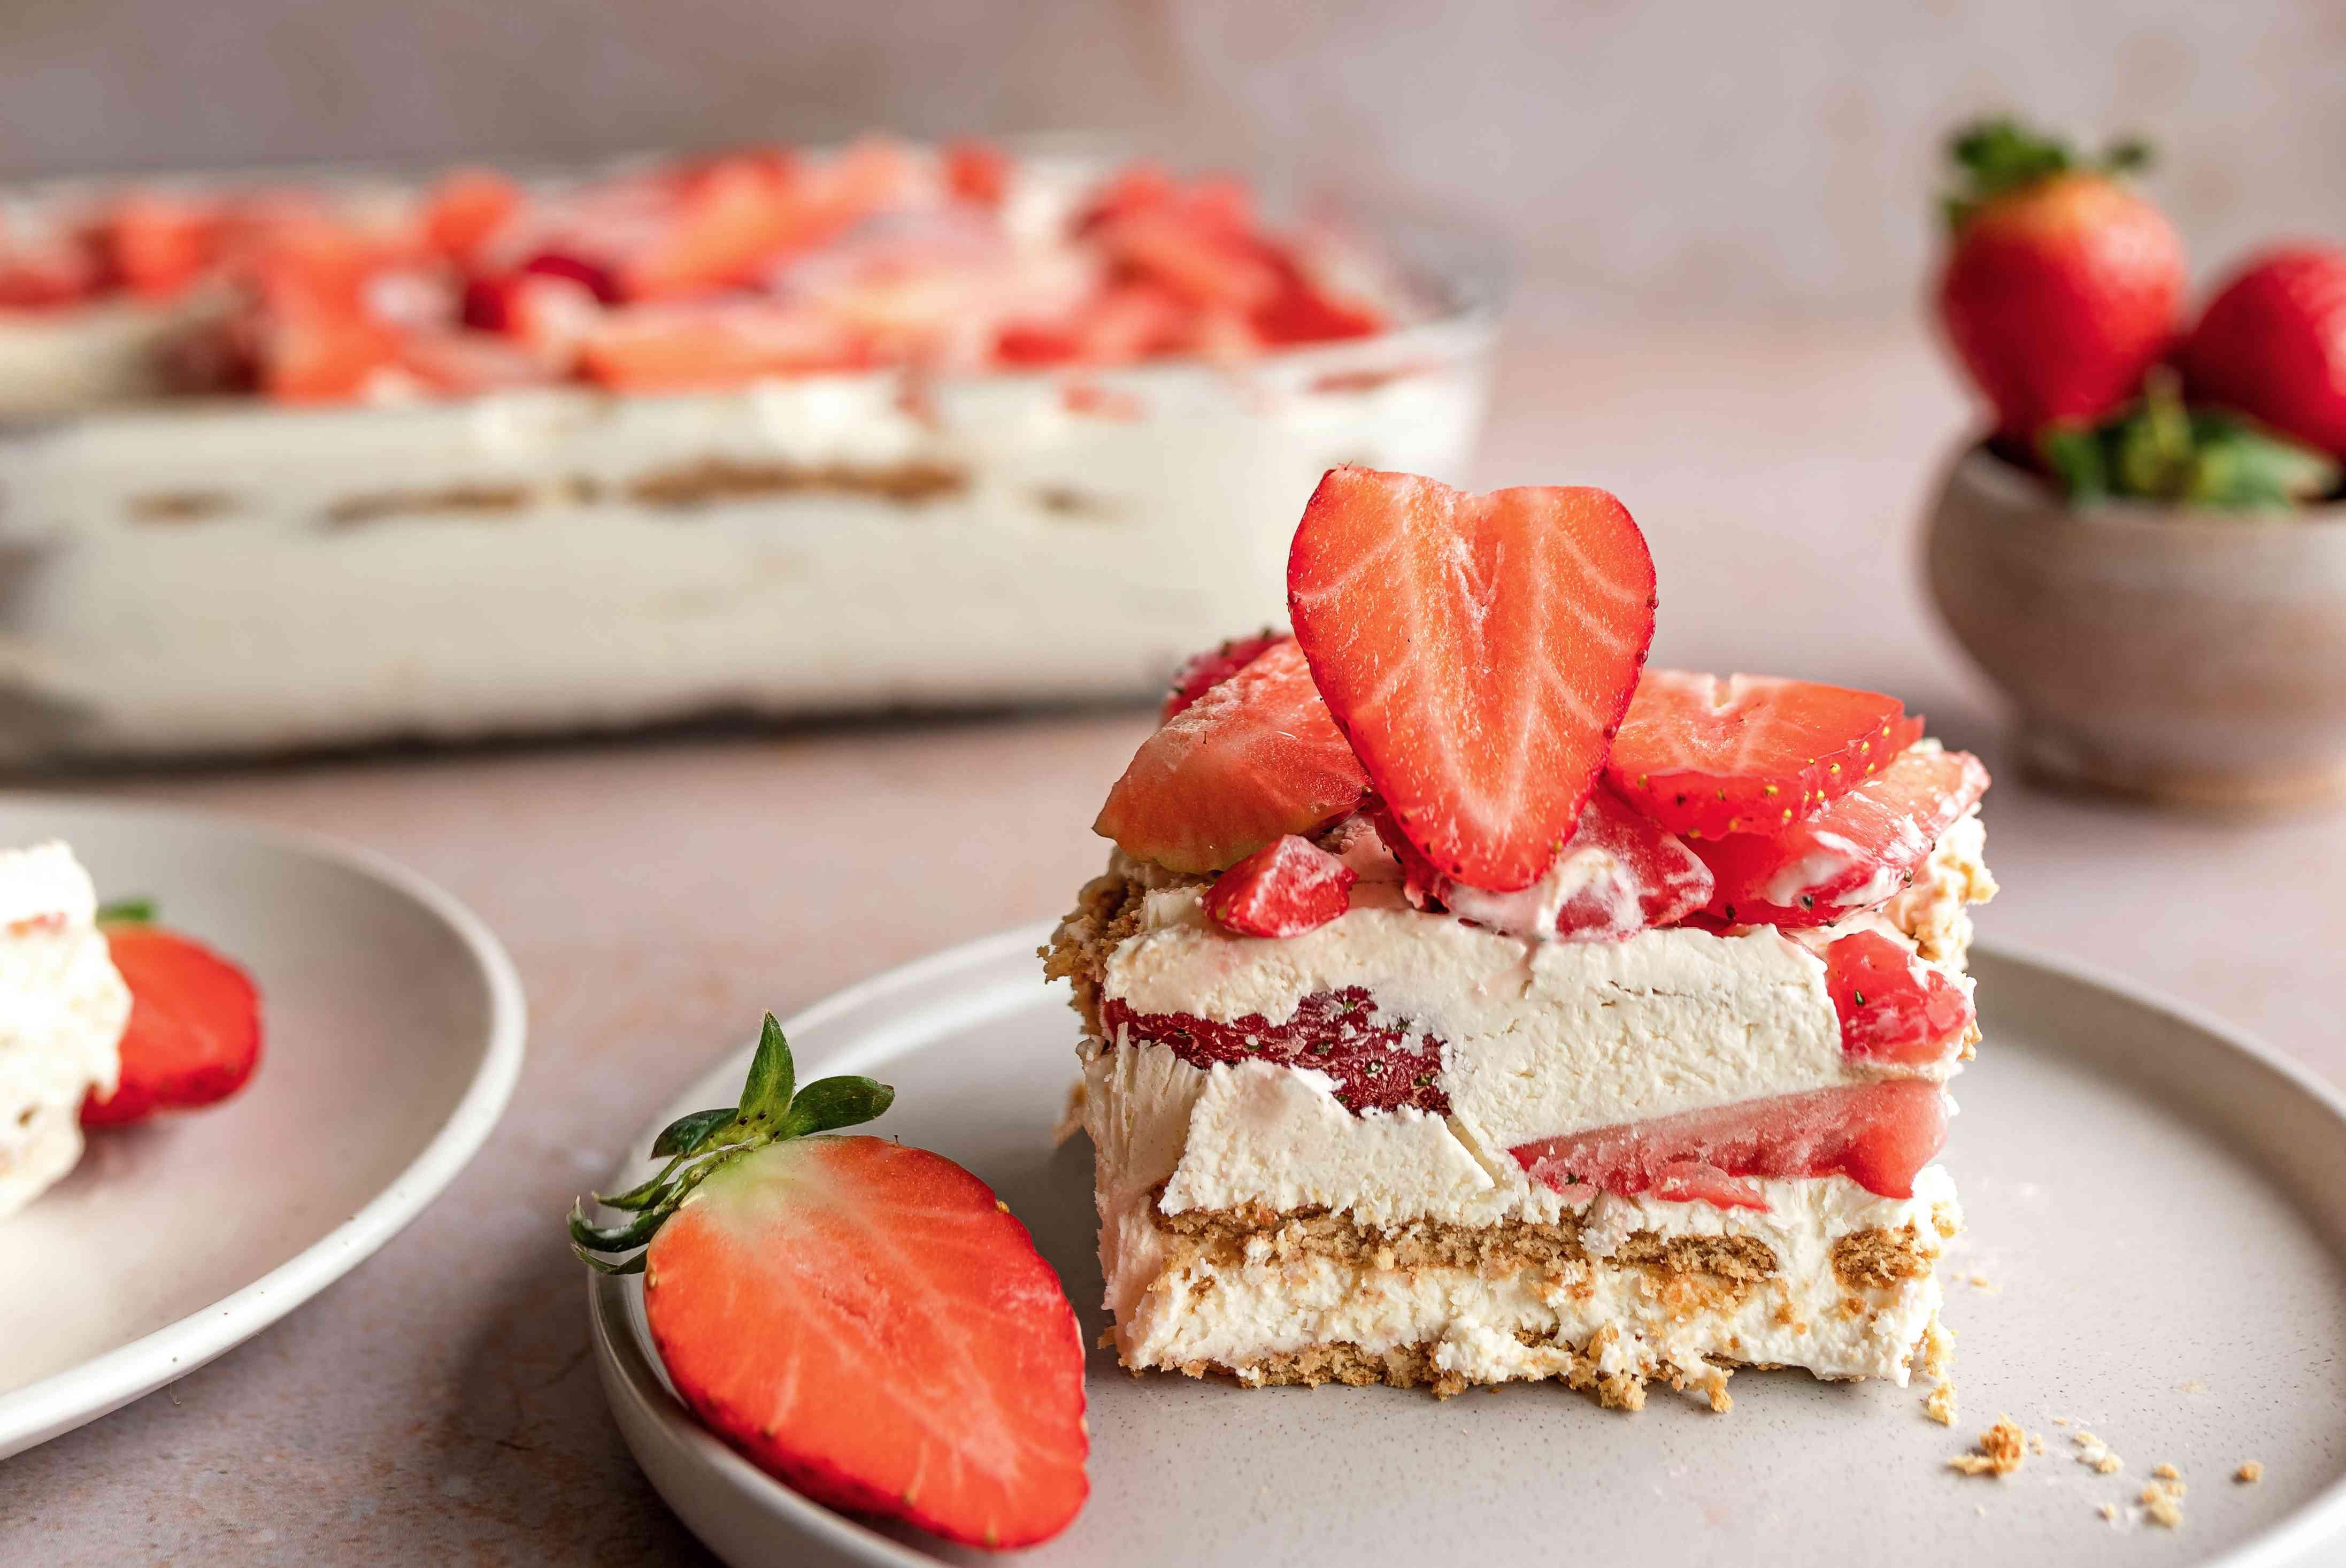 No bake strawberry icebox cheesecake recipe